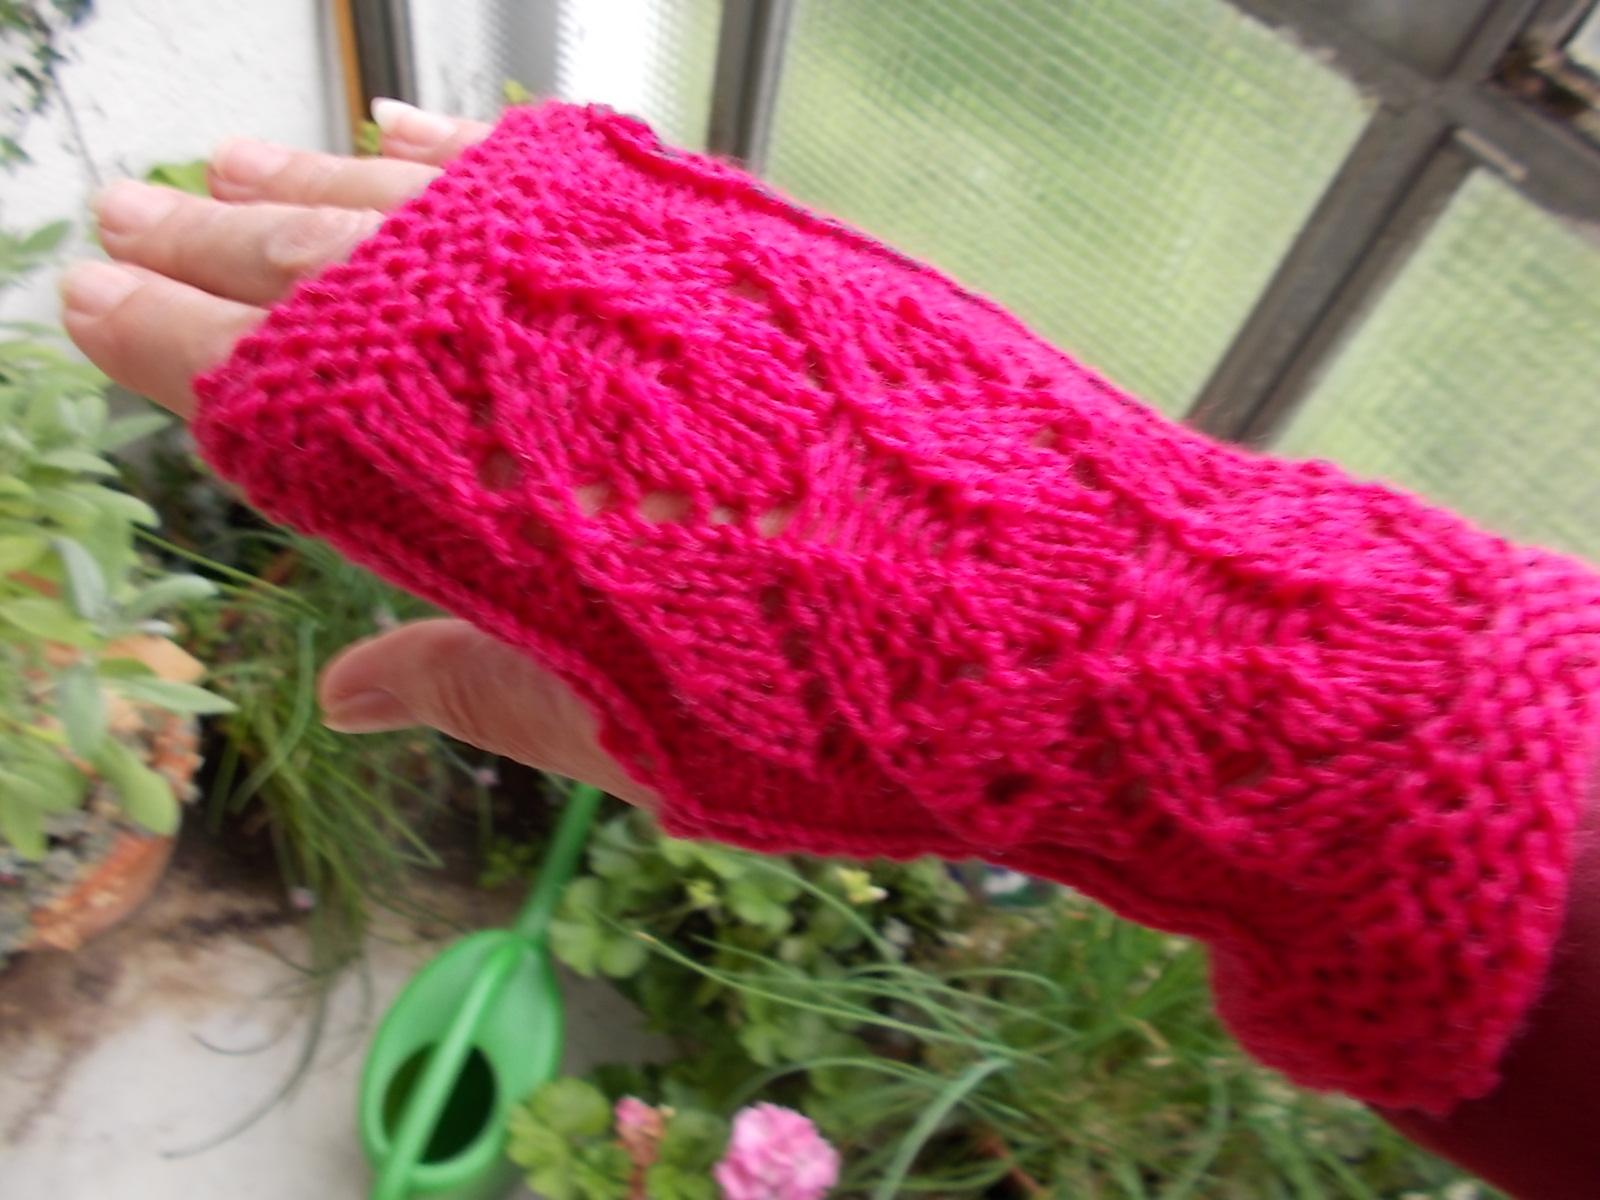 herbstblattl pink